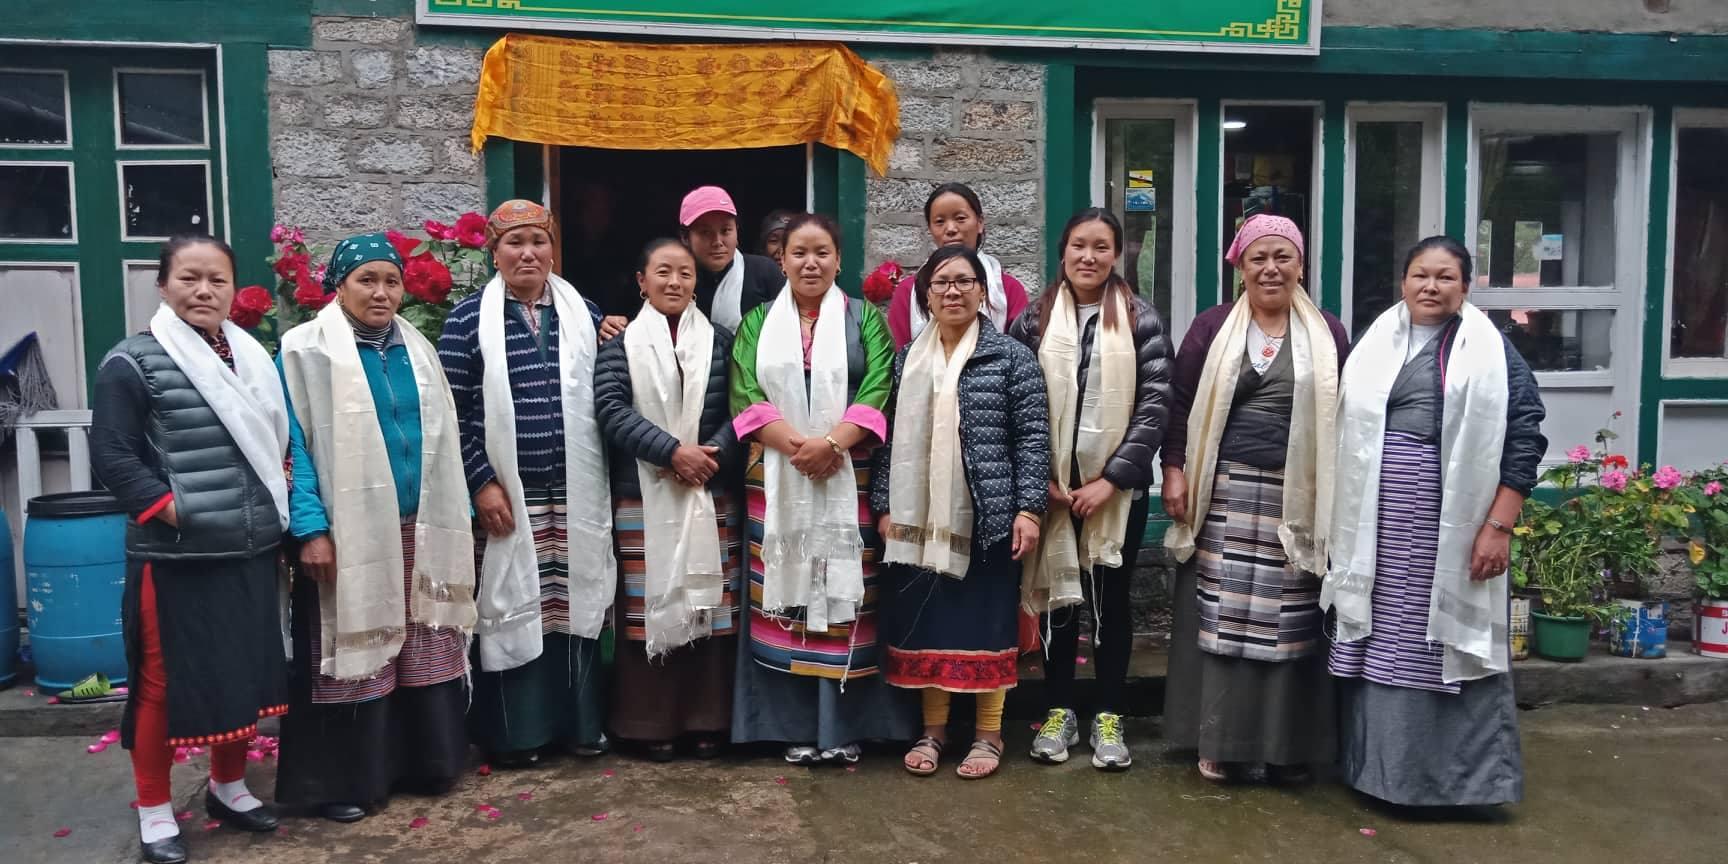 महिला सशक्तीकरणका लागि खुम्बु पासाङ ल्हमु गाउँ पालिकाद्वारा महिला समूह गठन